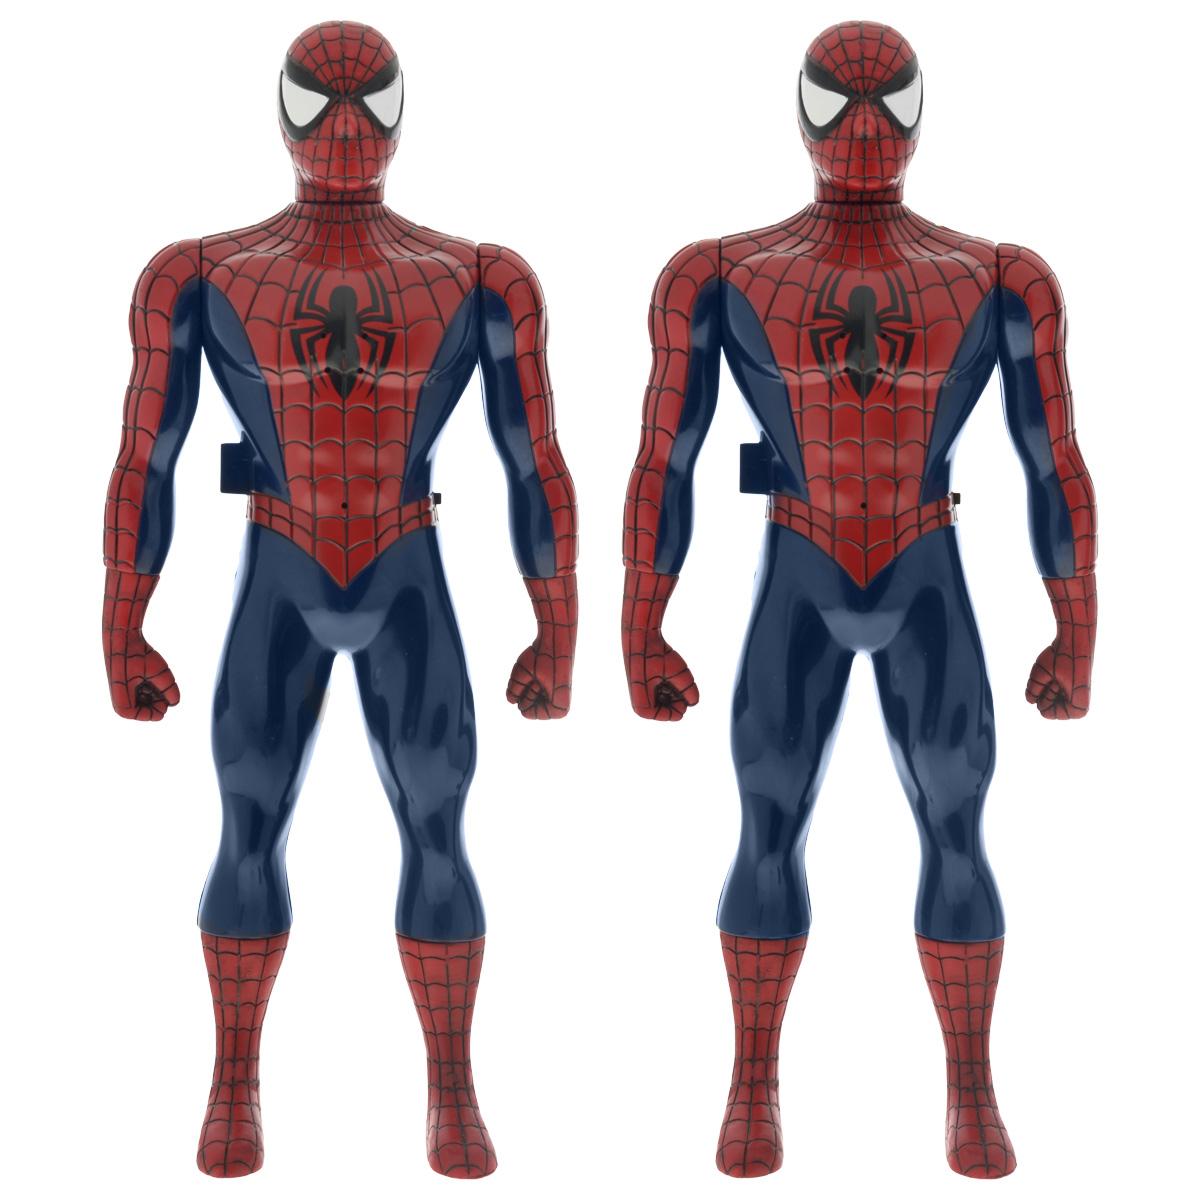 Рация IMC Toys Spider-Man550131Рация IMC Toys Spider-Man - это не только оригинальная фигурка, но и настоящее устройство связи! В набор входят 2 рации. Рация выполнена из прочного пластика в виде фигурки знаменитого супергероя Человека-Паука. Руки и голова фигурки подвижны. Рация имеет встроенную антенну, динамик и микрофон, и активируется нажатием на кнопку на боку фигурки. Не так-то просто выполнить сложную миссию по спасению мира, если подводит связь. Так что юным героям стоит всегда иметь под рукой такую рацию! Она поможет всегда быть в курсе ситуации. Необходимо докупить 2 батарейки напряжением 9V типа 6LR61 (не входят в комплект).